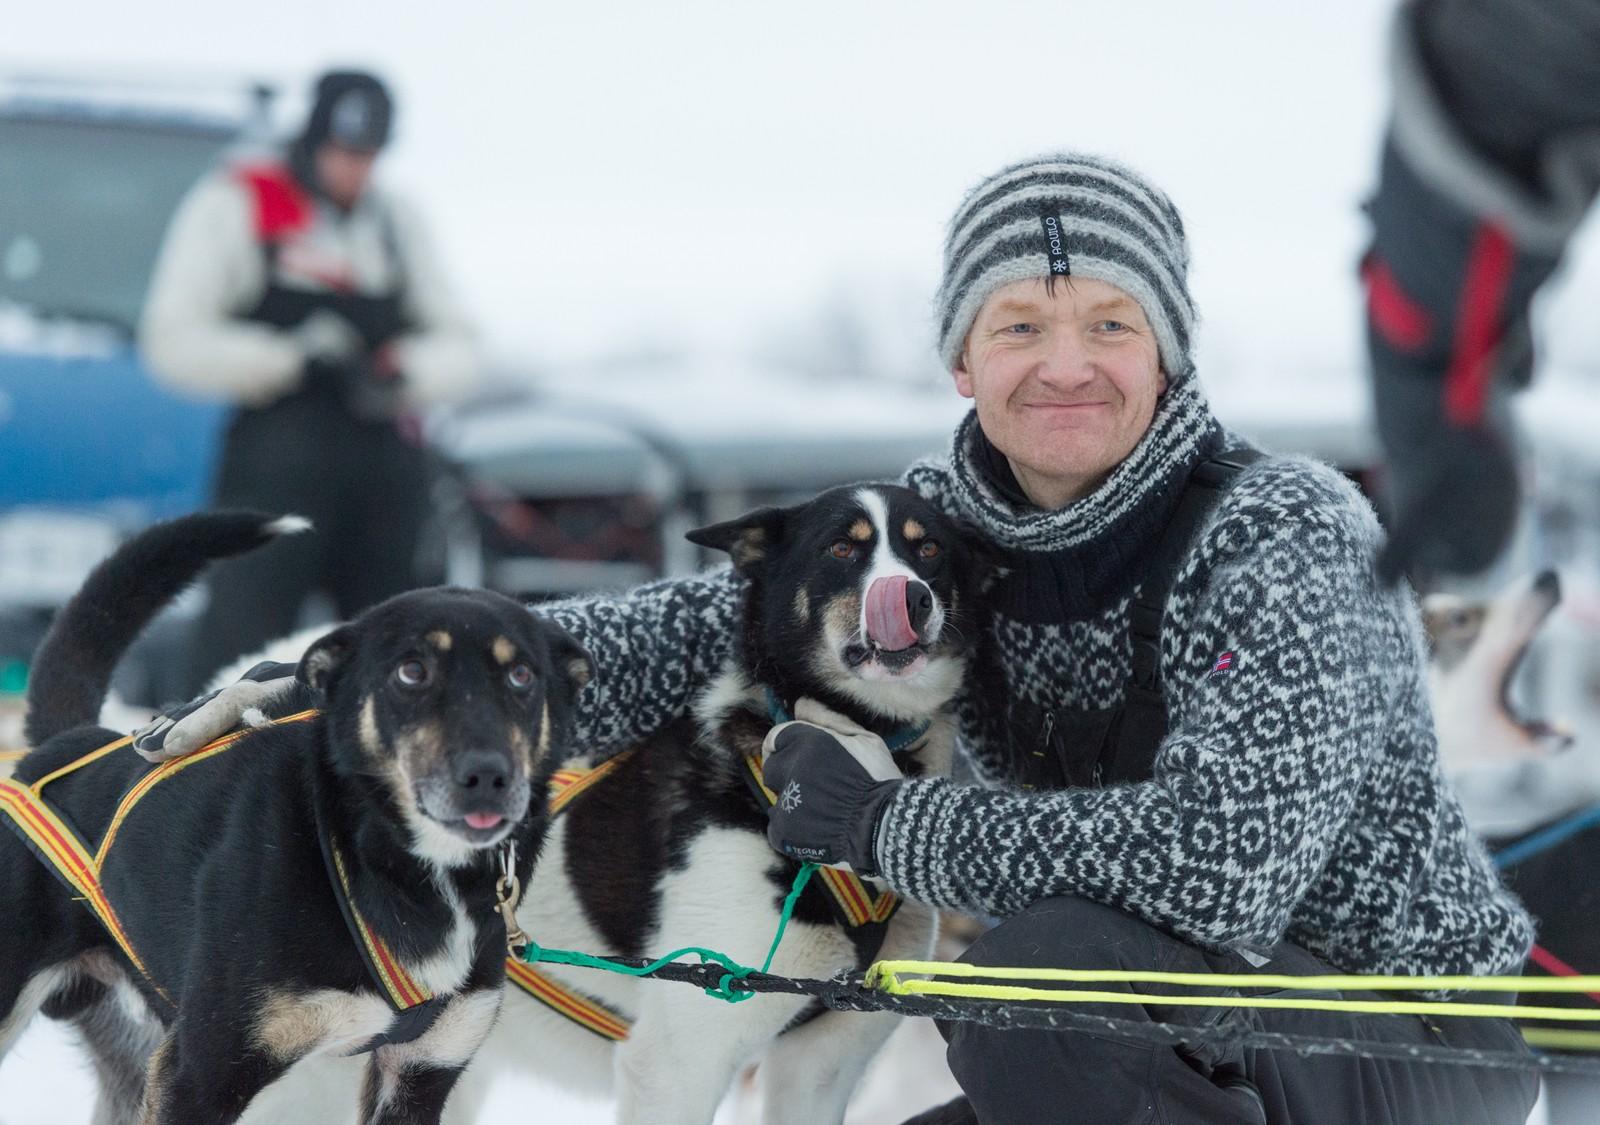 Vidar Myklevoll er handler for Trine Lyrek. Han kjører 500 km i Finnmarksløpet i år, med åtte av hundene som Trine kjører med nå. Flere av de samme hundene hjalp Myklevoll til en 2. plass under årets Alta todagers i januar.